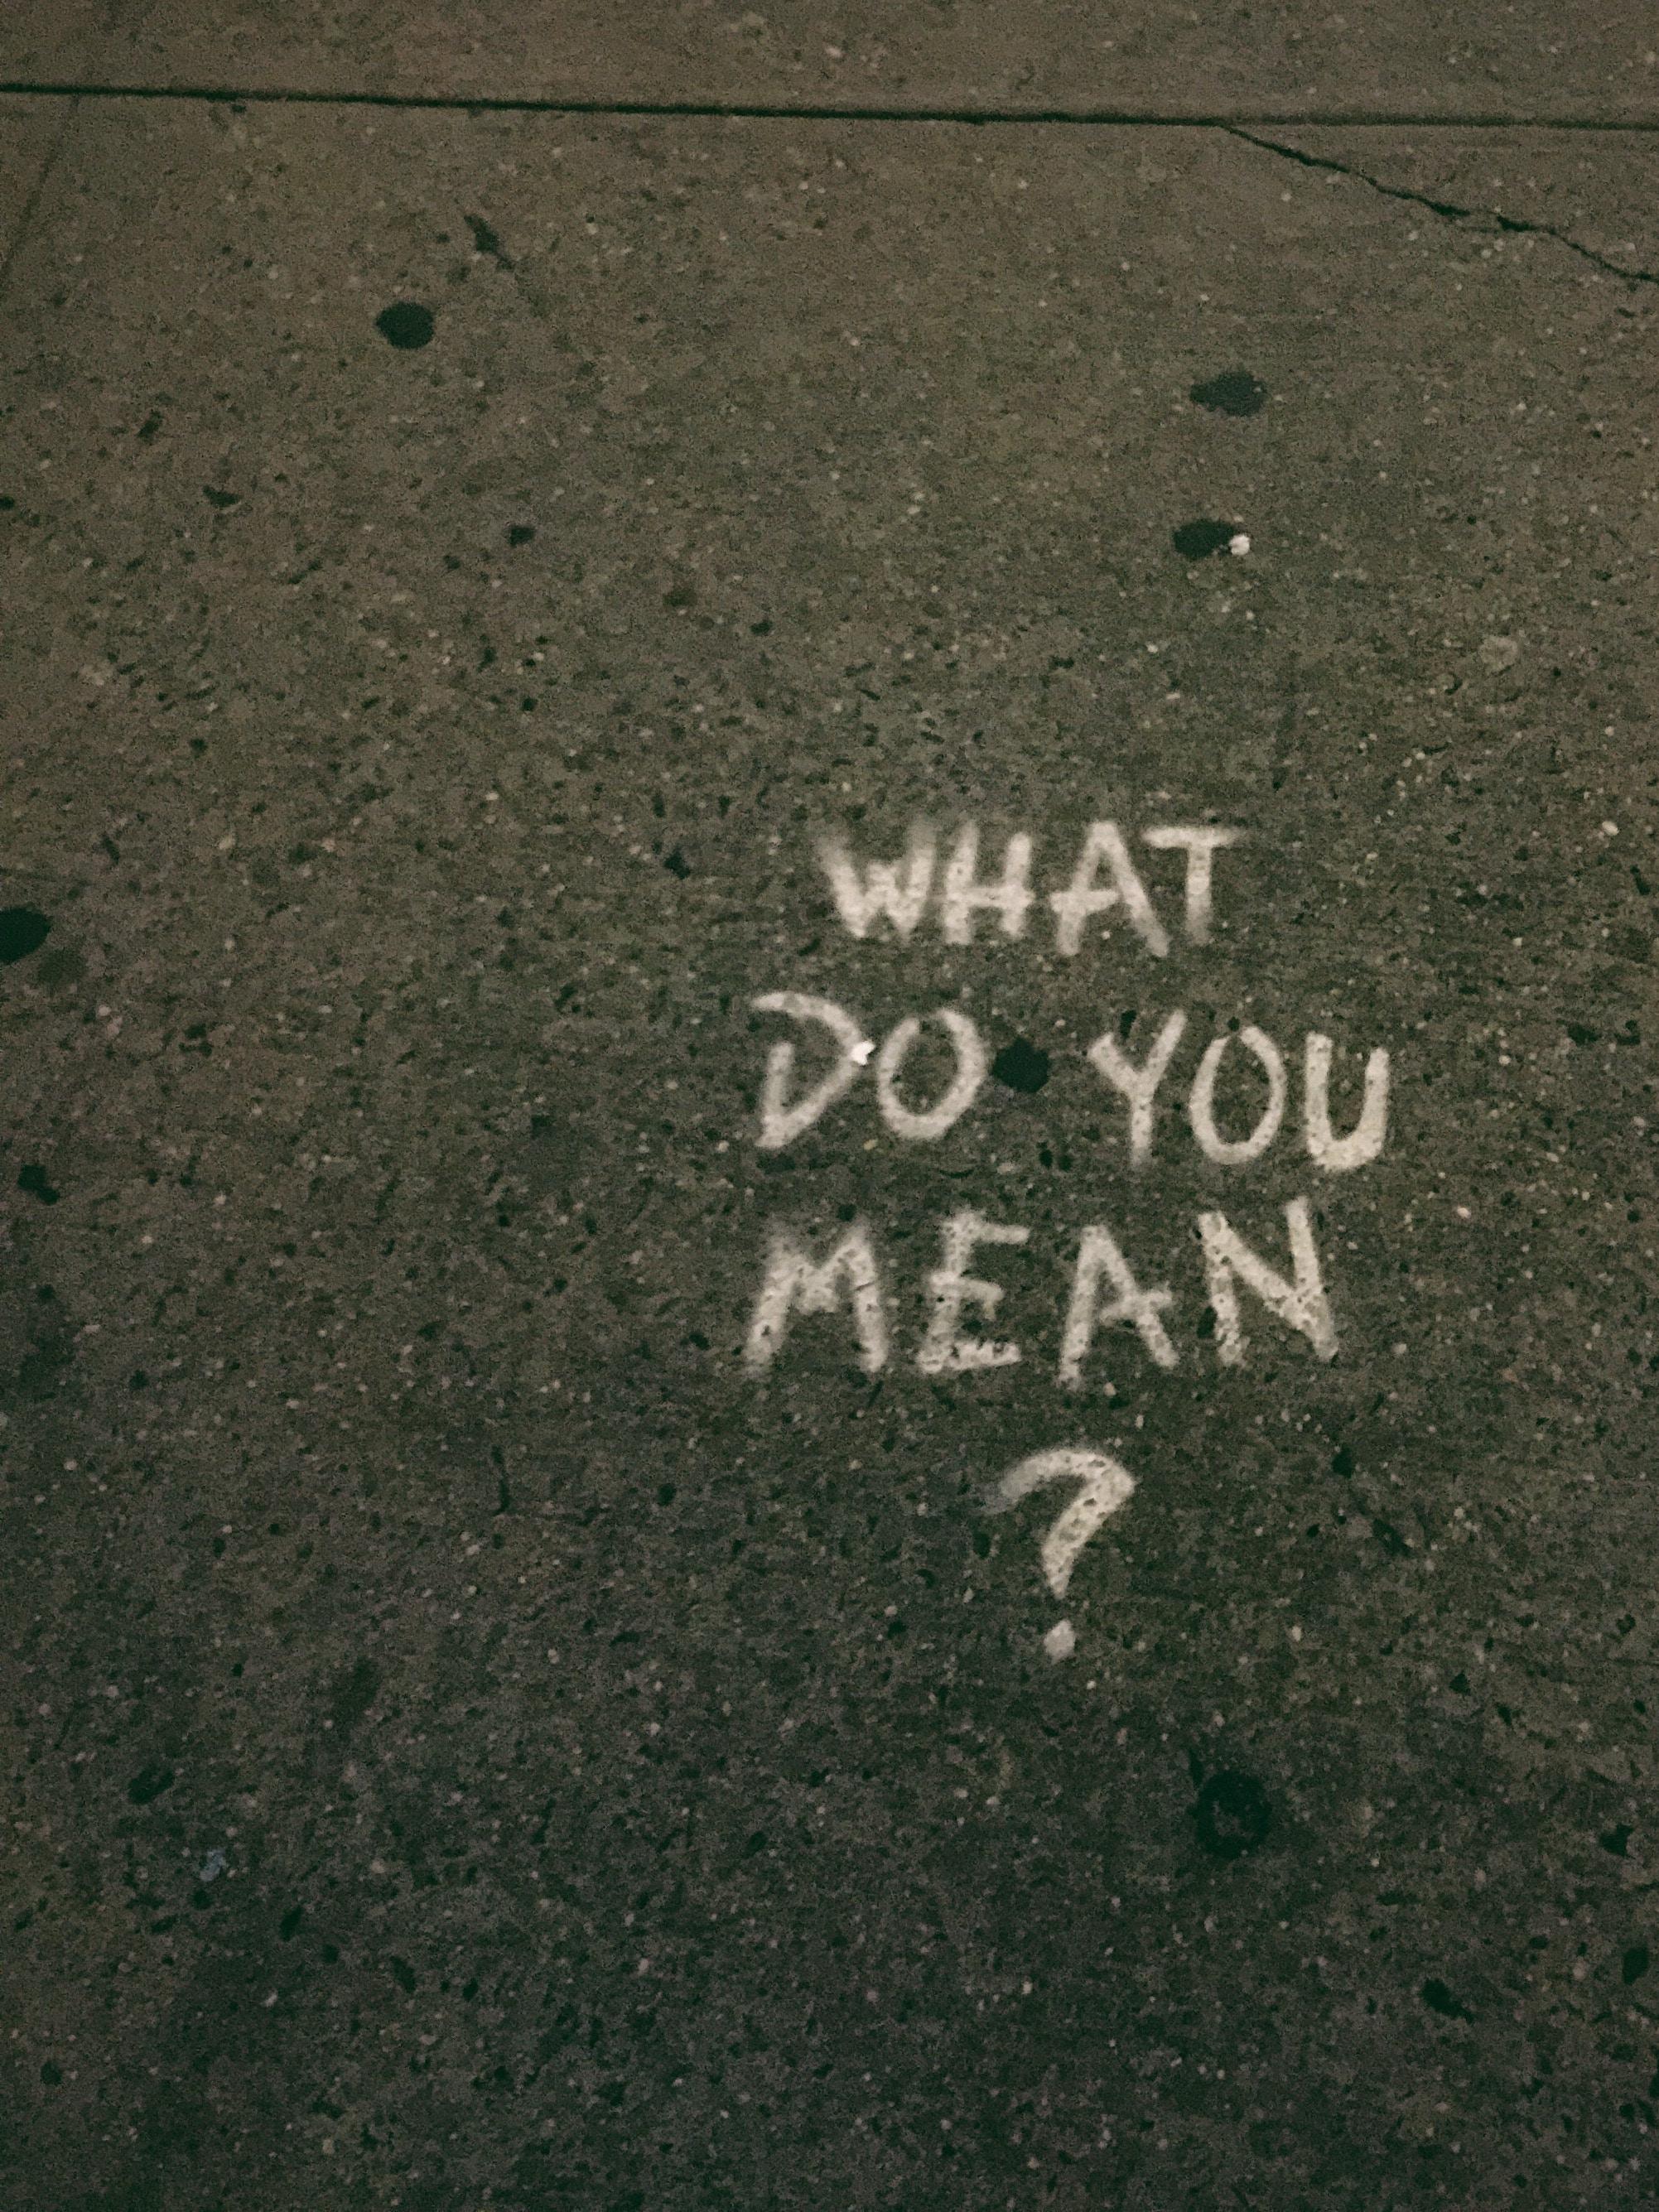 câu hỏi